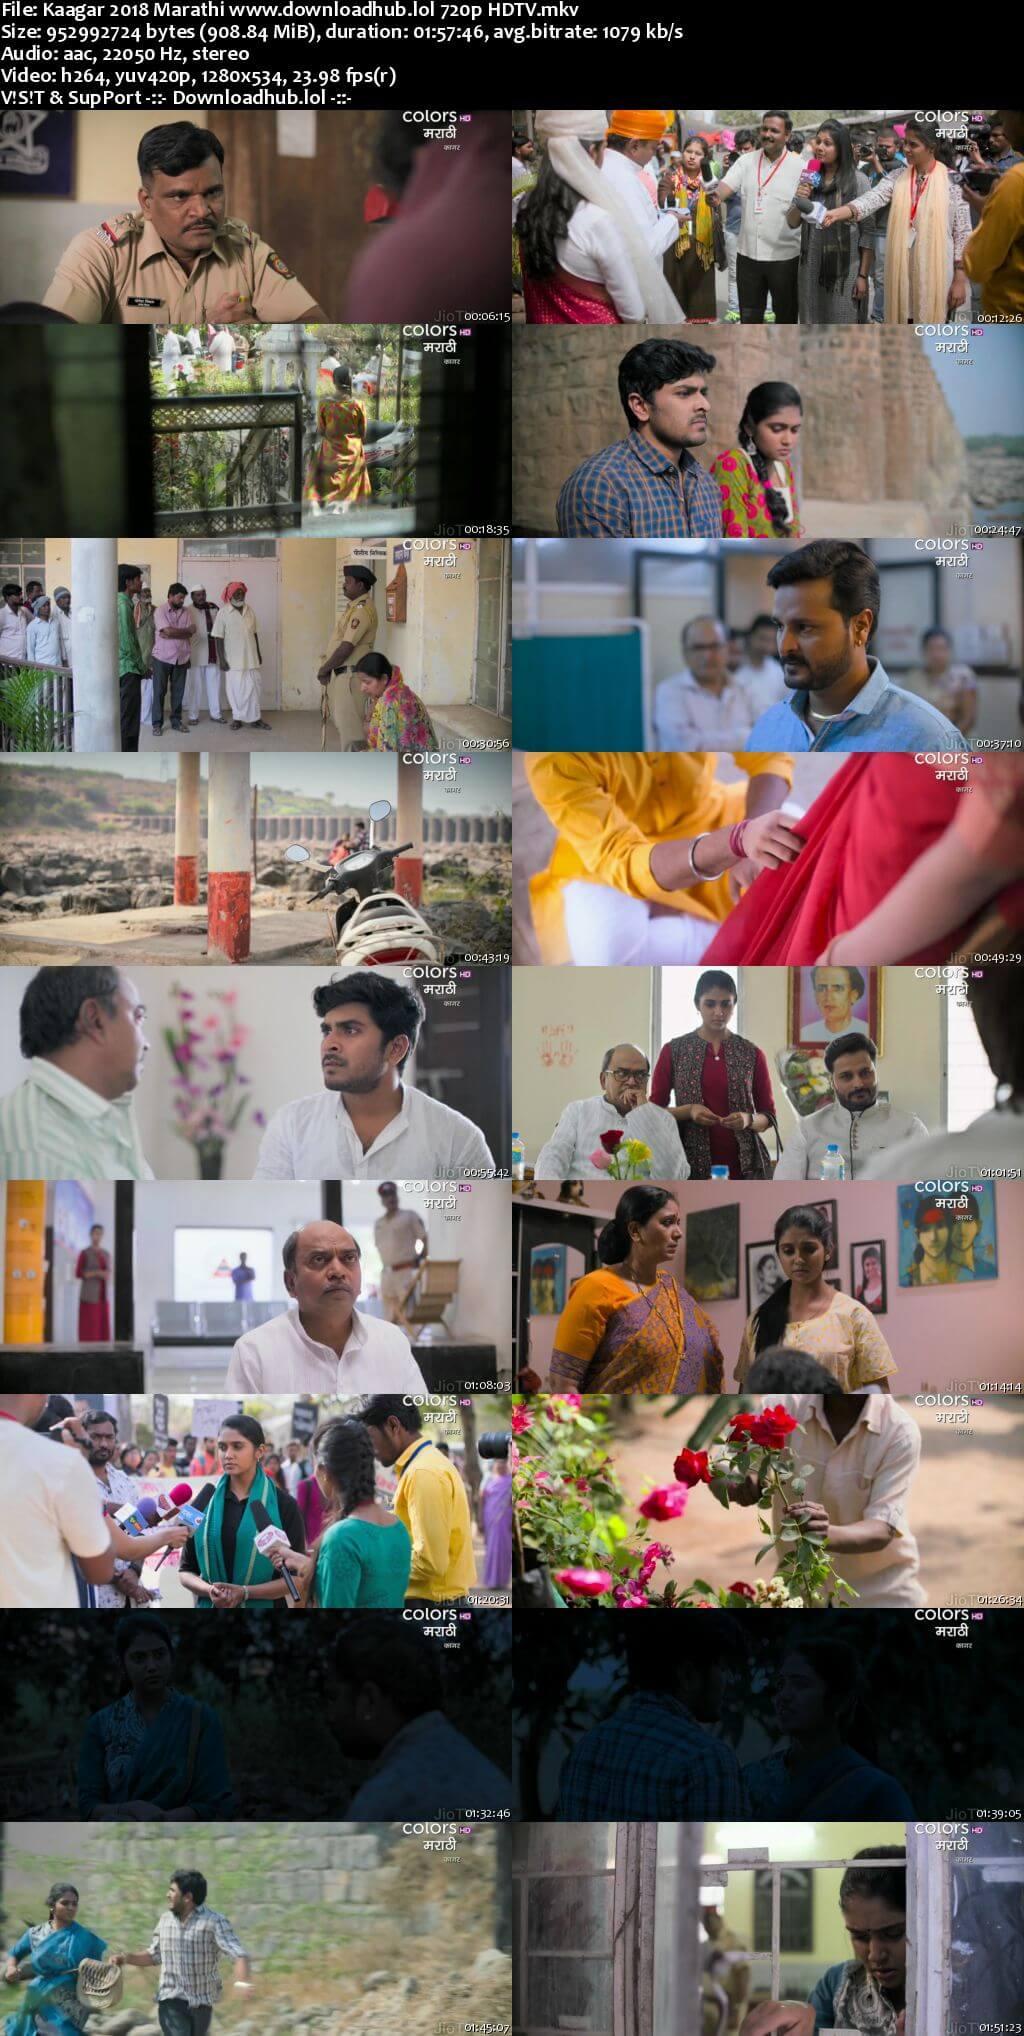 Kaagar 2018 Marathi 720p HDTV x264